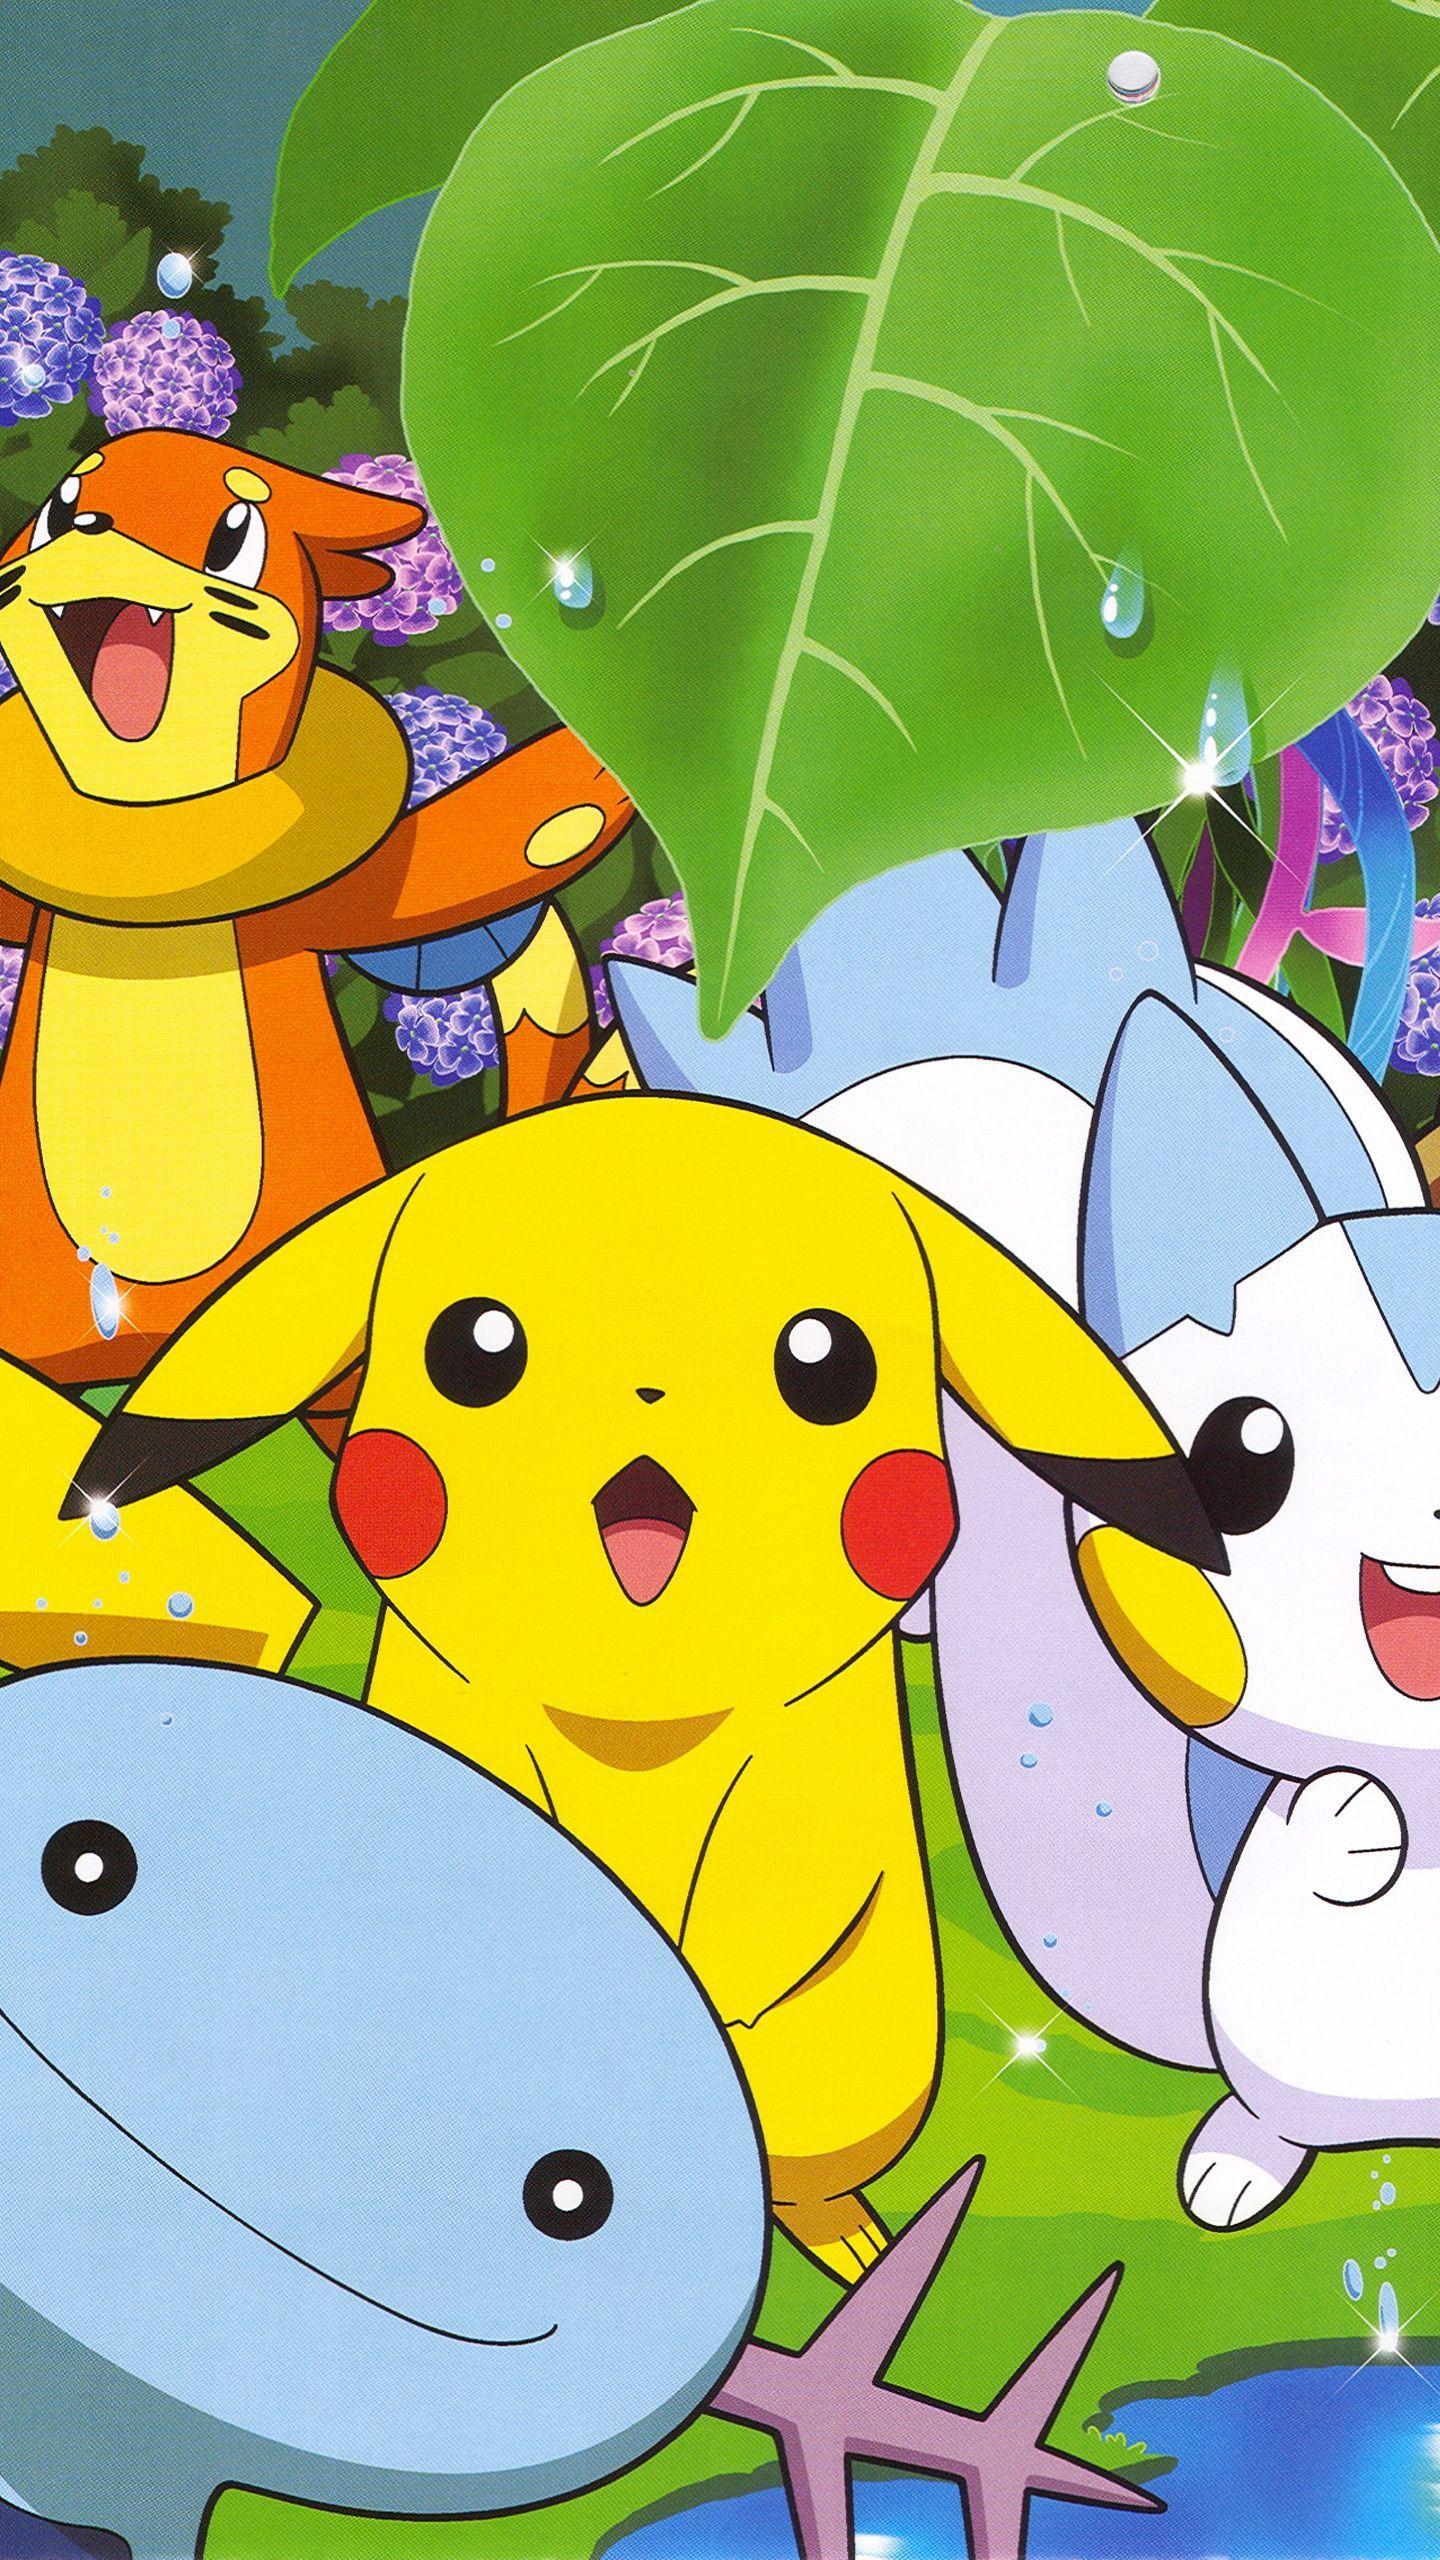 Fondos De Pantalla De Pokemon Para Android E Iphone, - Fondos De Pantalla Pokemon , HD Wallpaper & Backgrounds